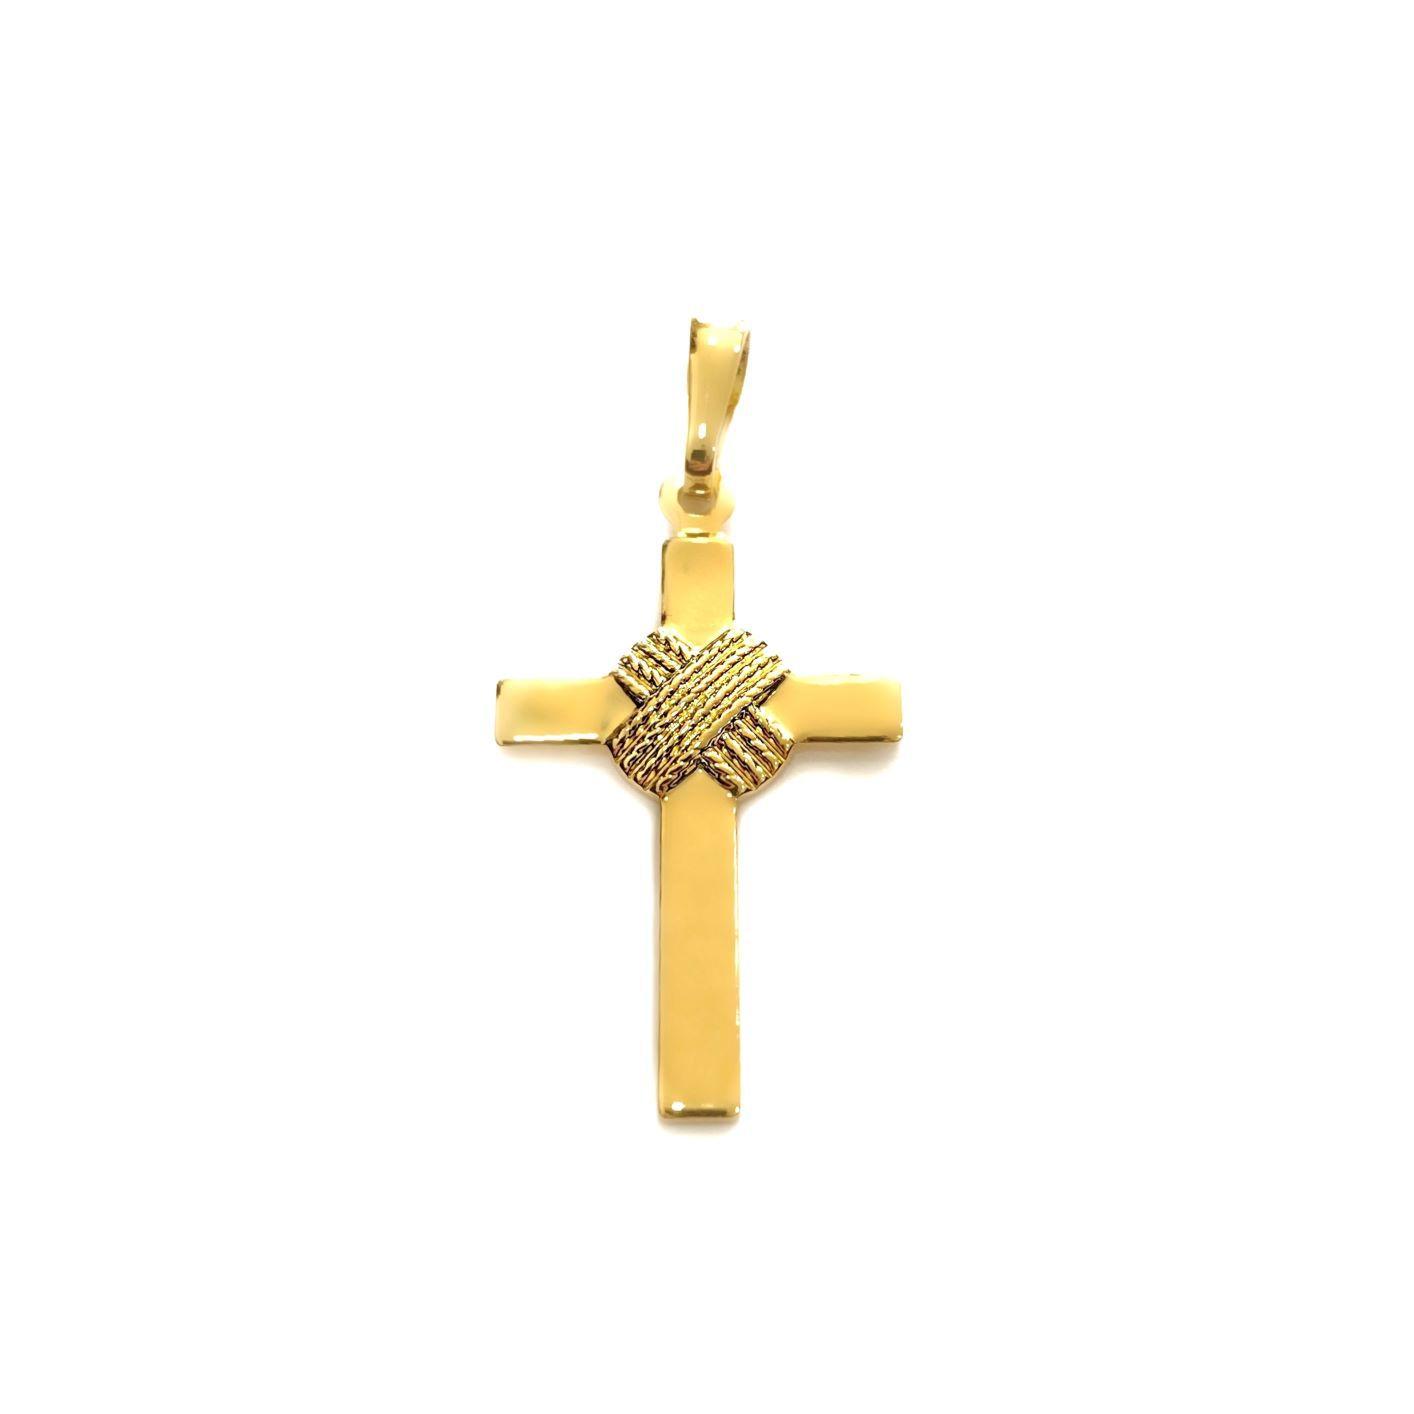 Pingente Crucifixo Trançado 2,8cm X 1,6cm (Banho Ouro 24k)